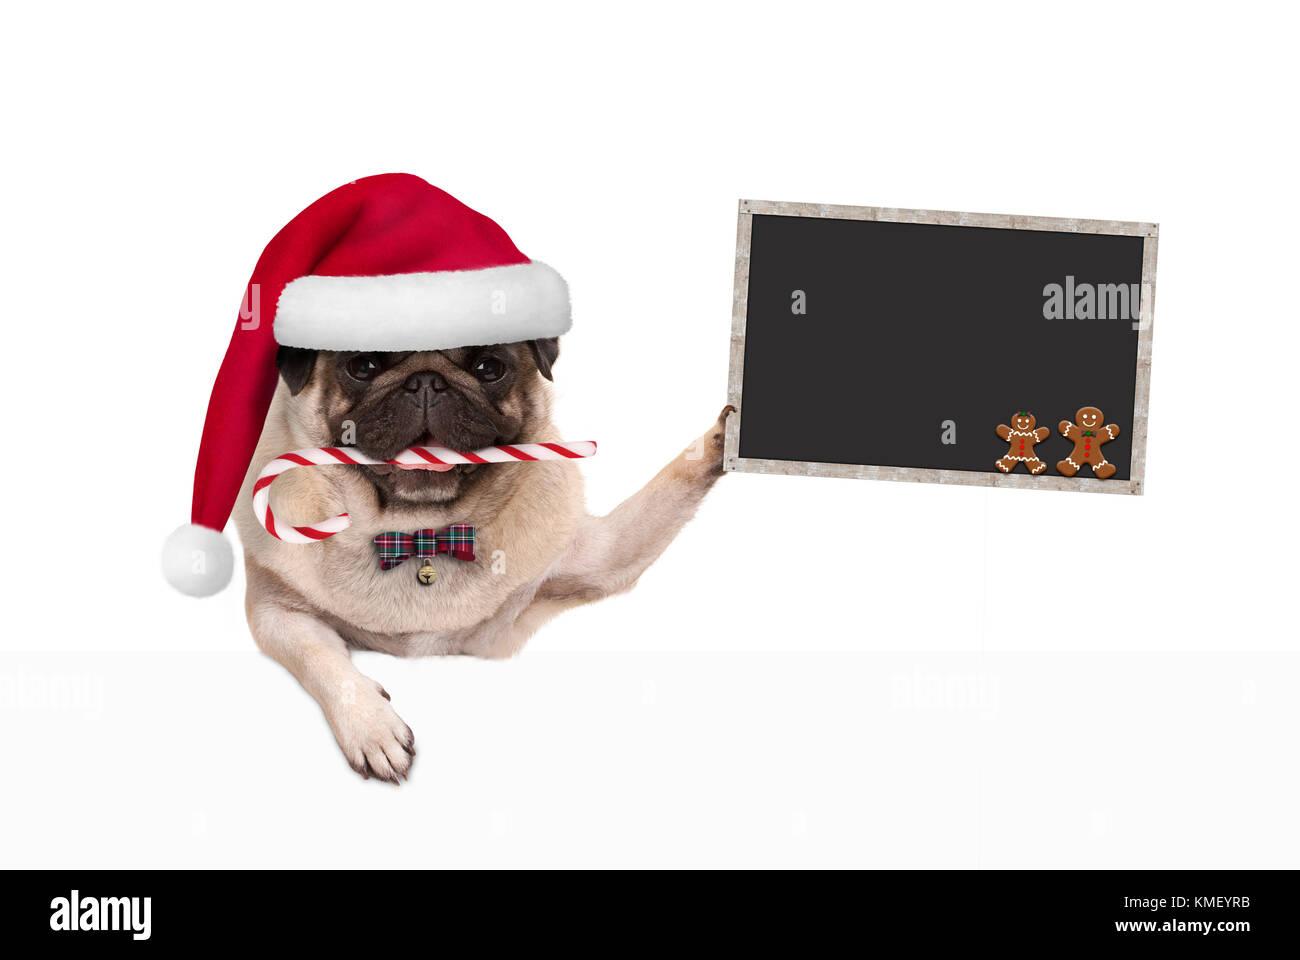 Babbo Natale Zampa.Carino Il Natale Pug Cane Con Santa Hat E Candy Cane Tenendo